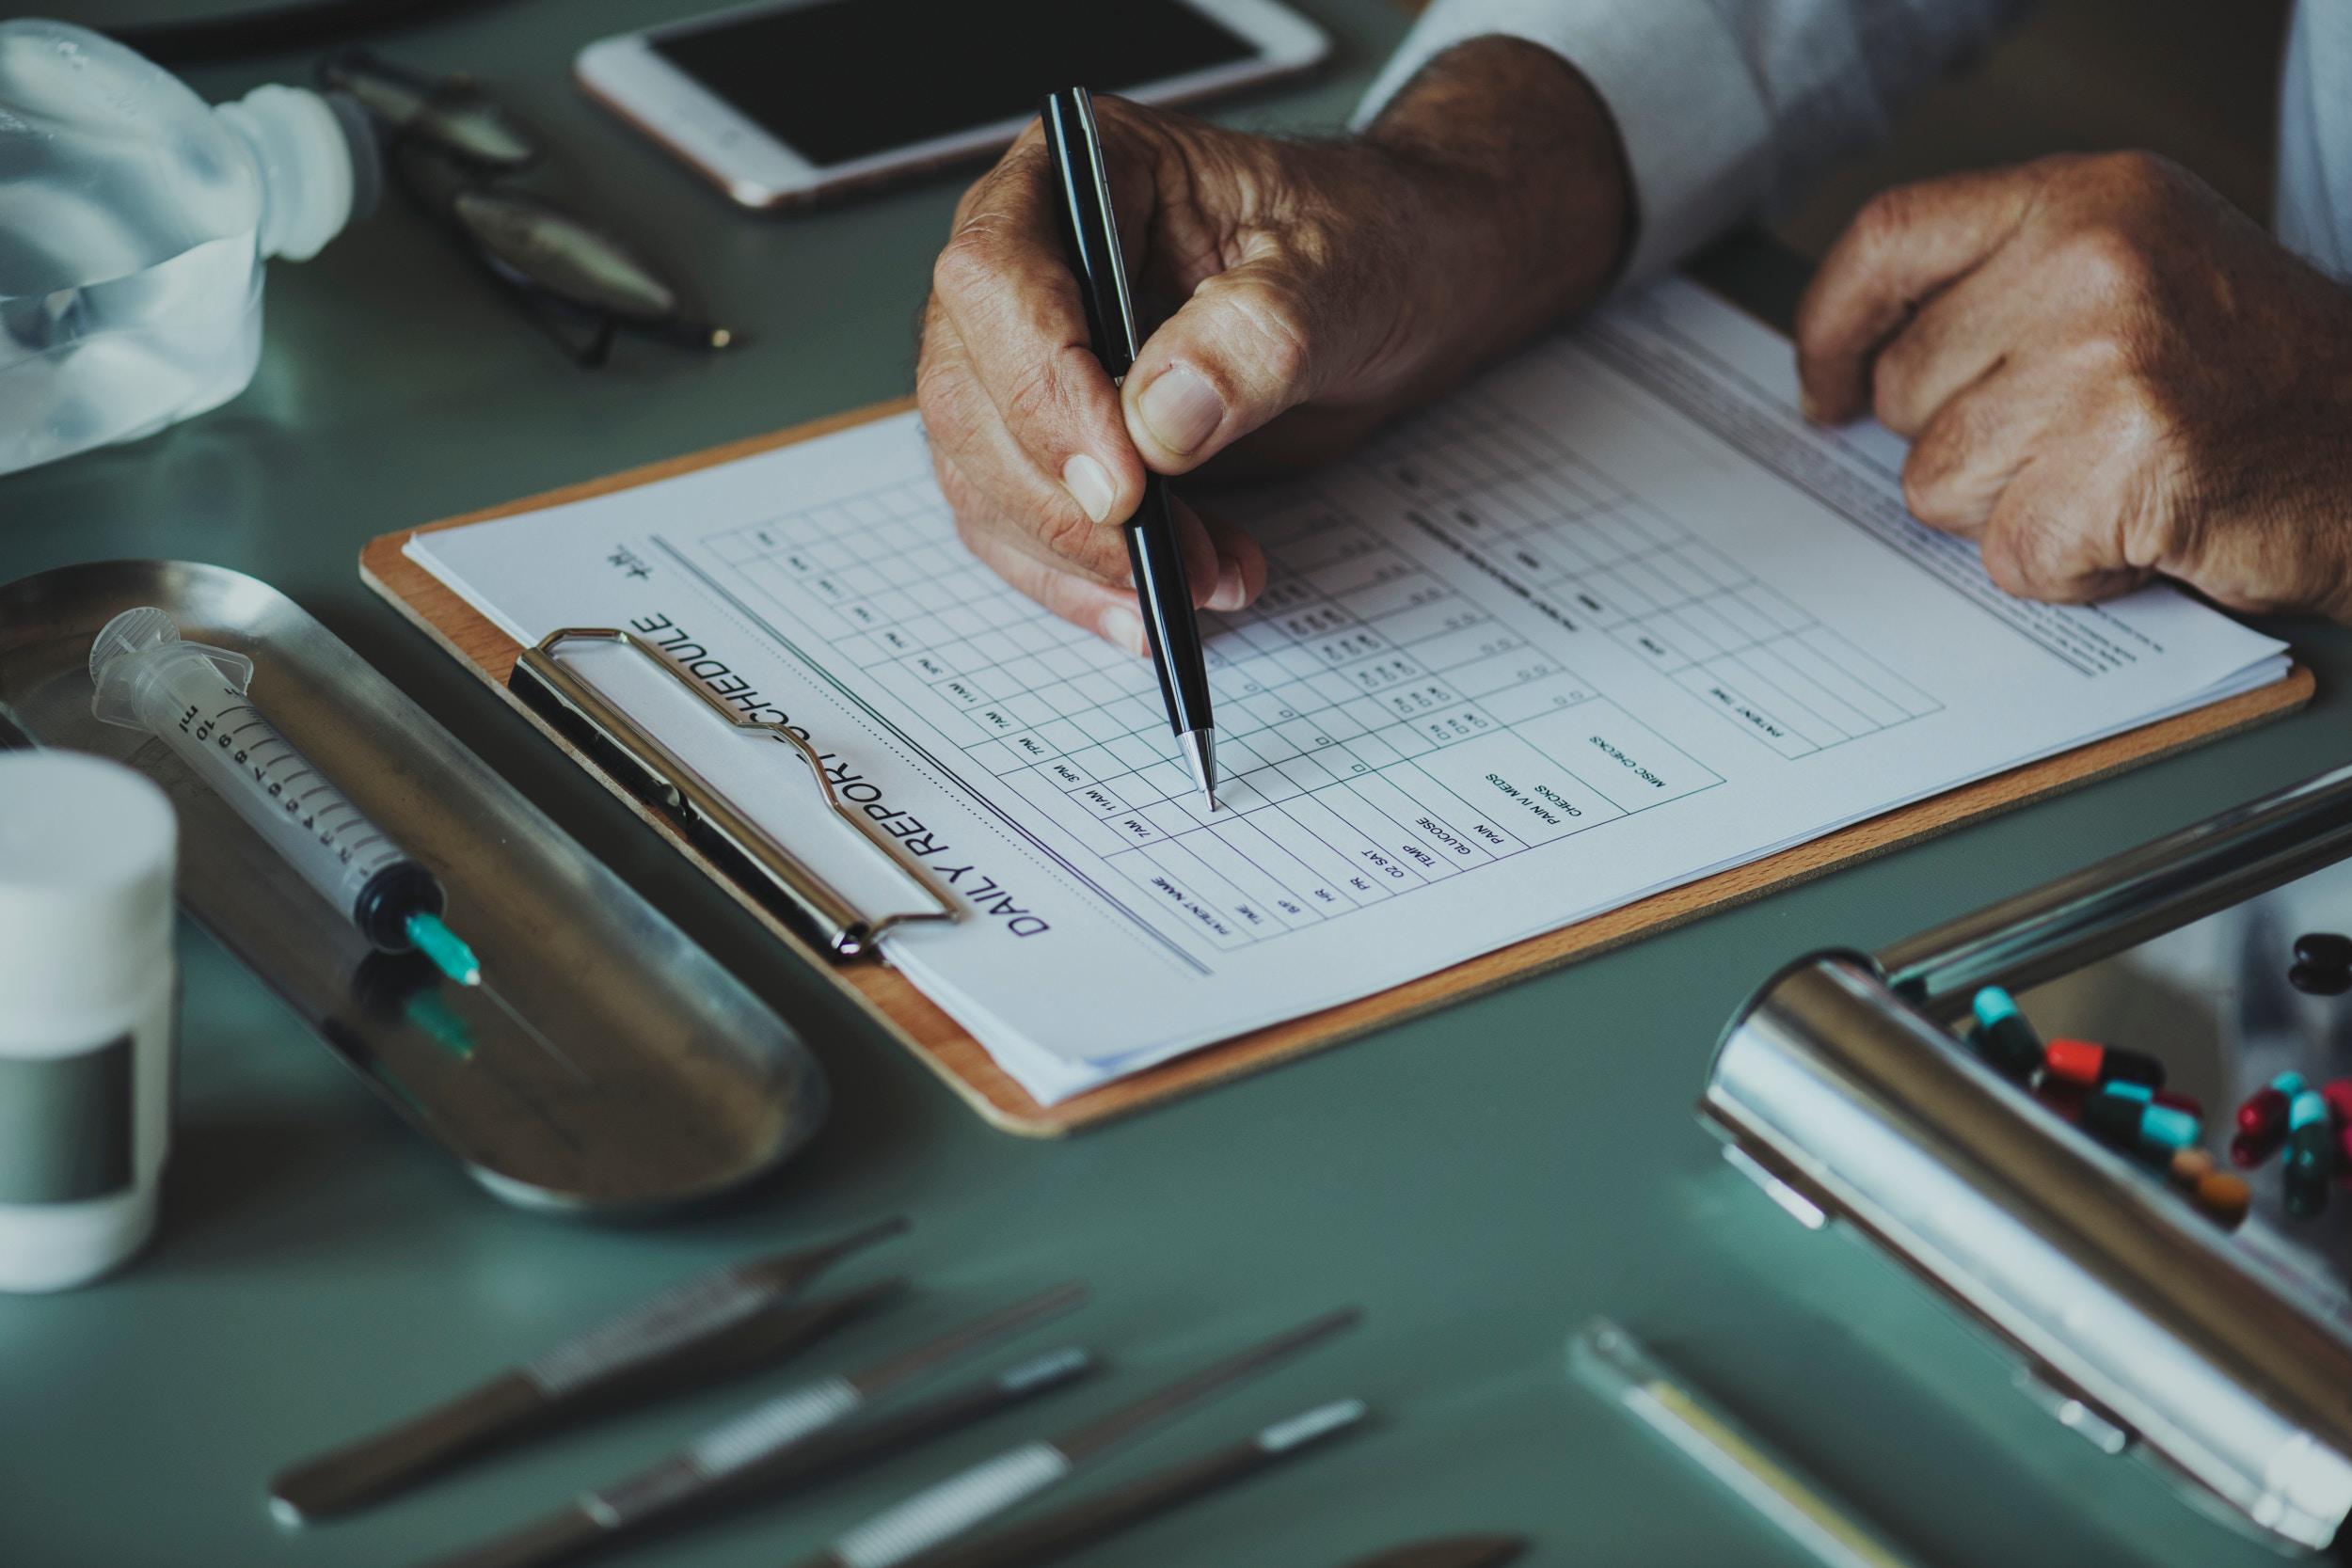 Plano de saúde: Como escolher o melhor plano de saúde para você?